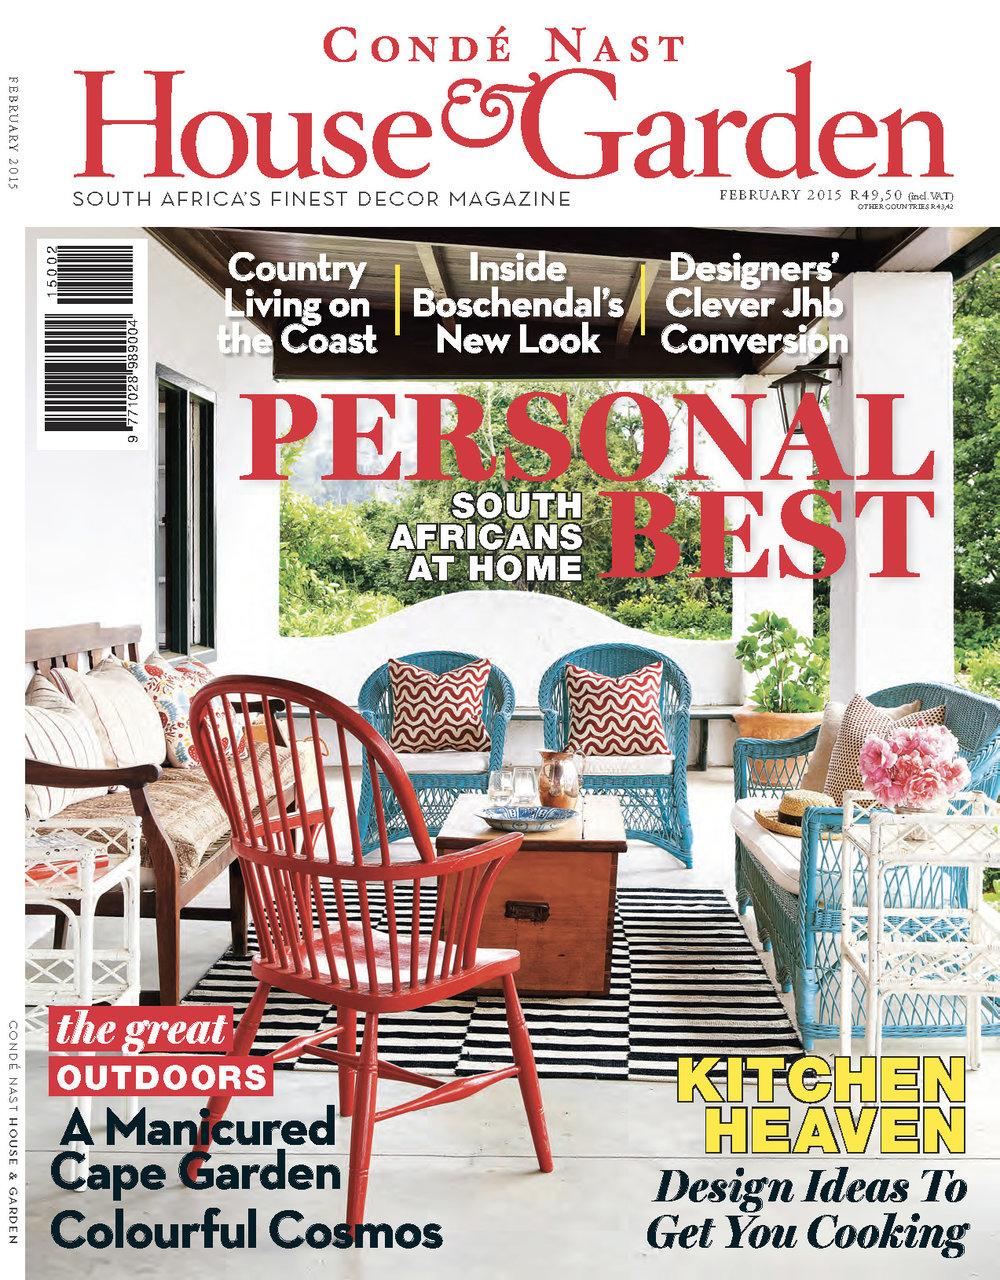 House & Garden 02.2015